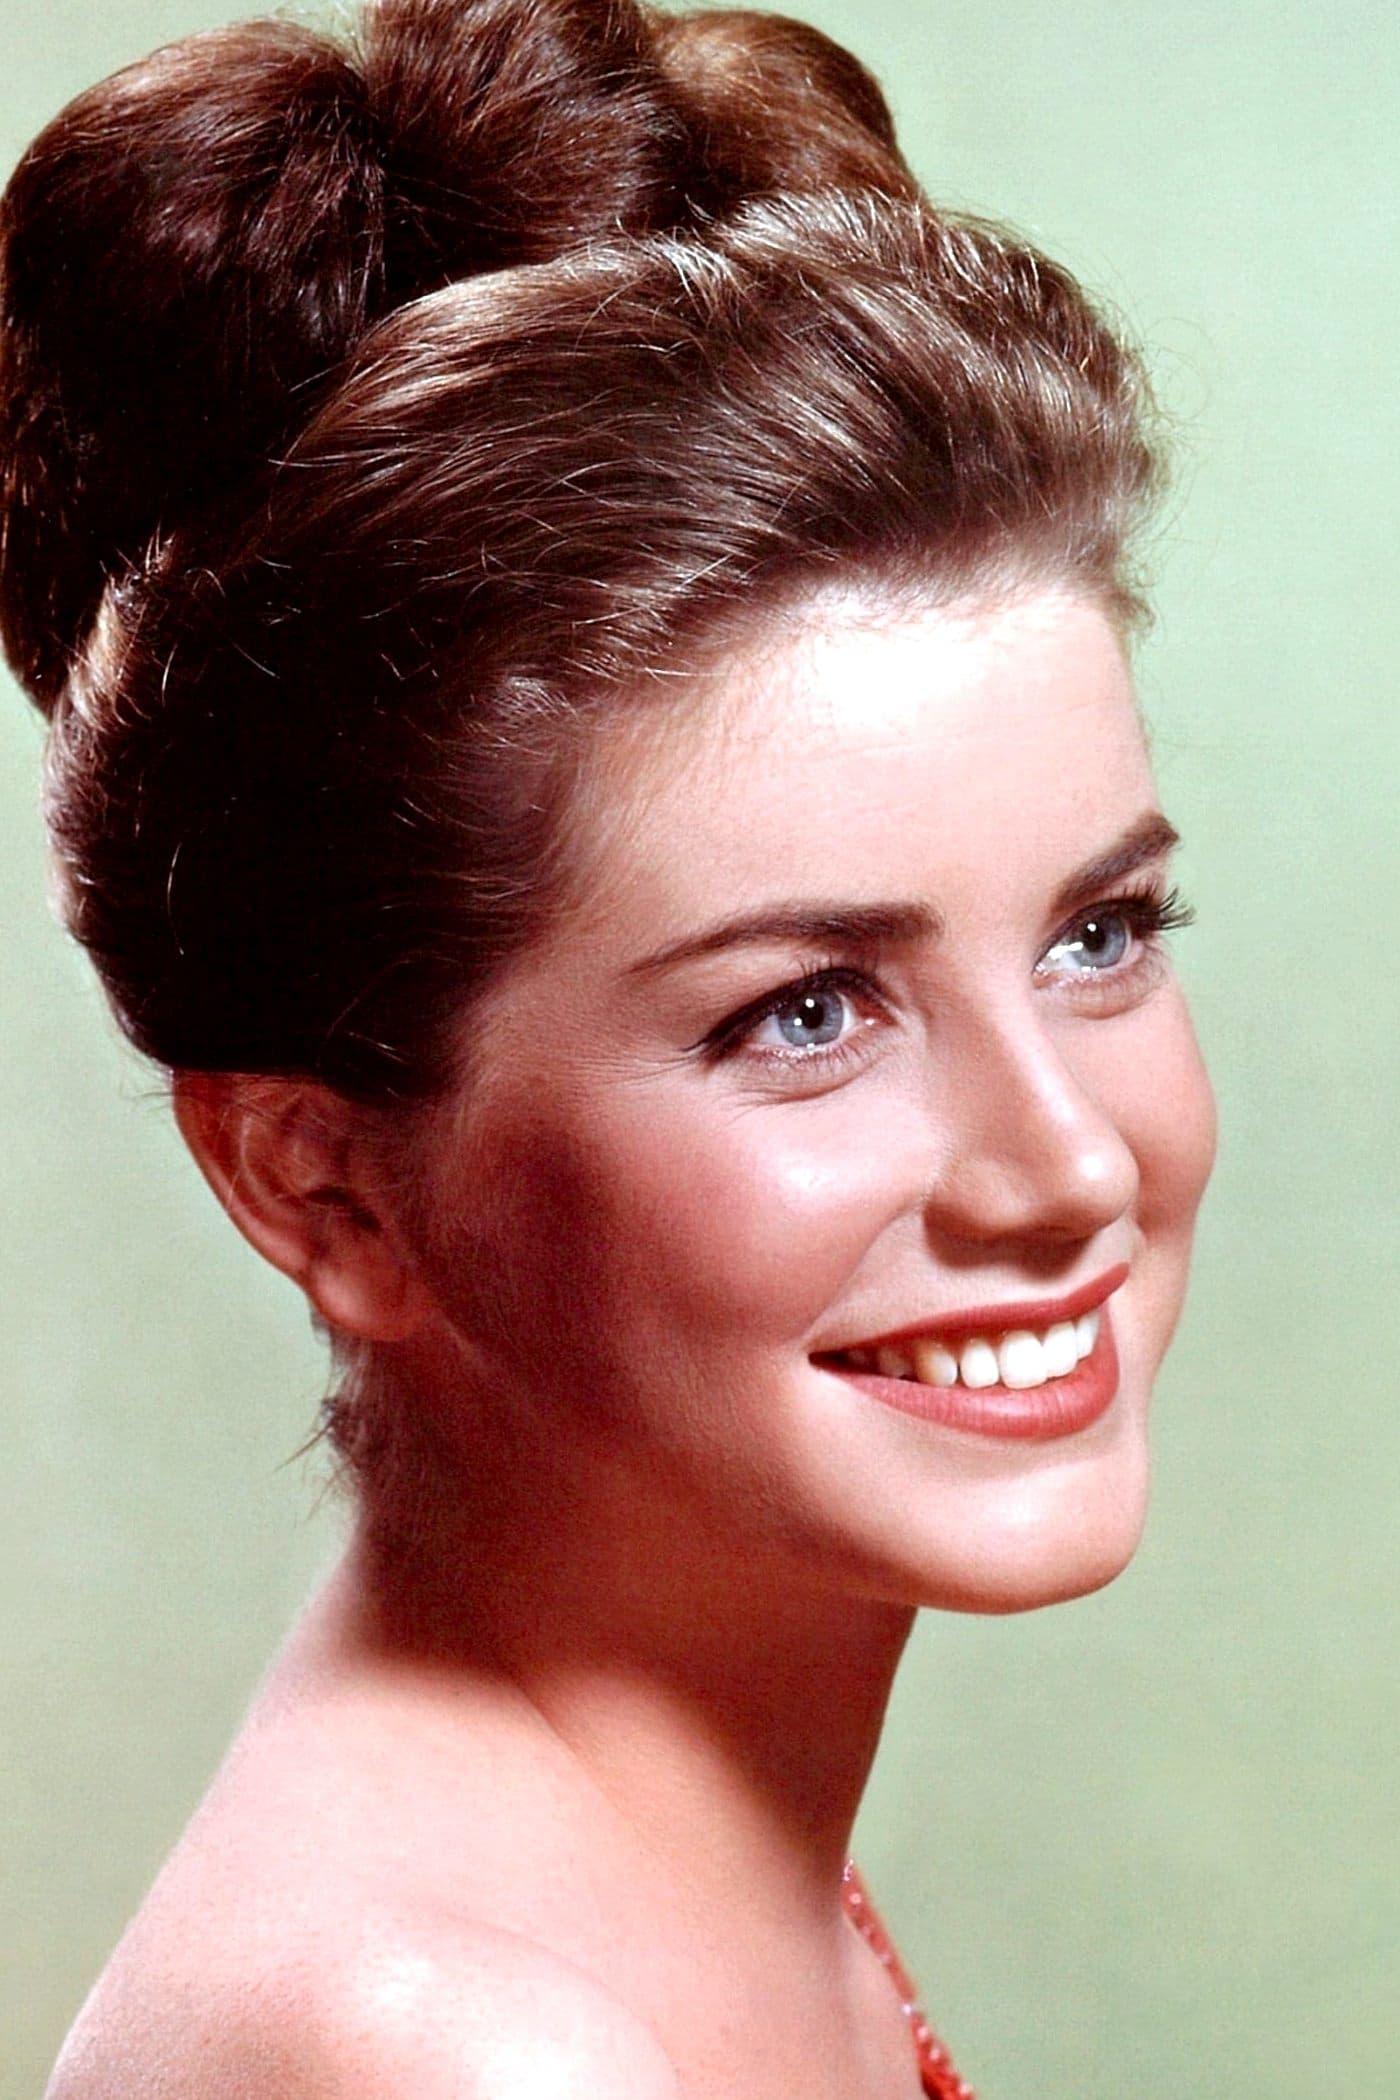 Dolores Hart